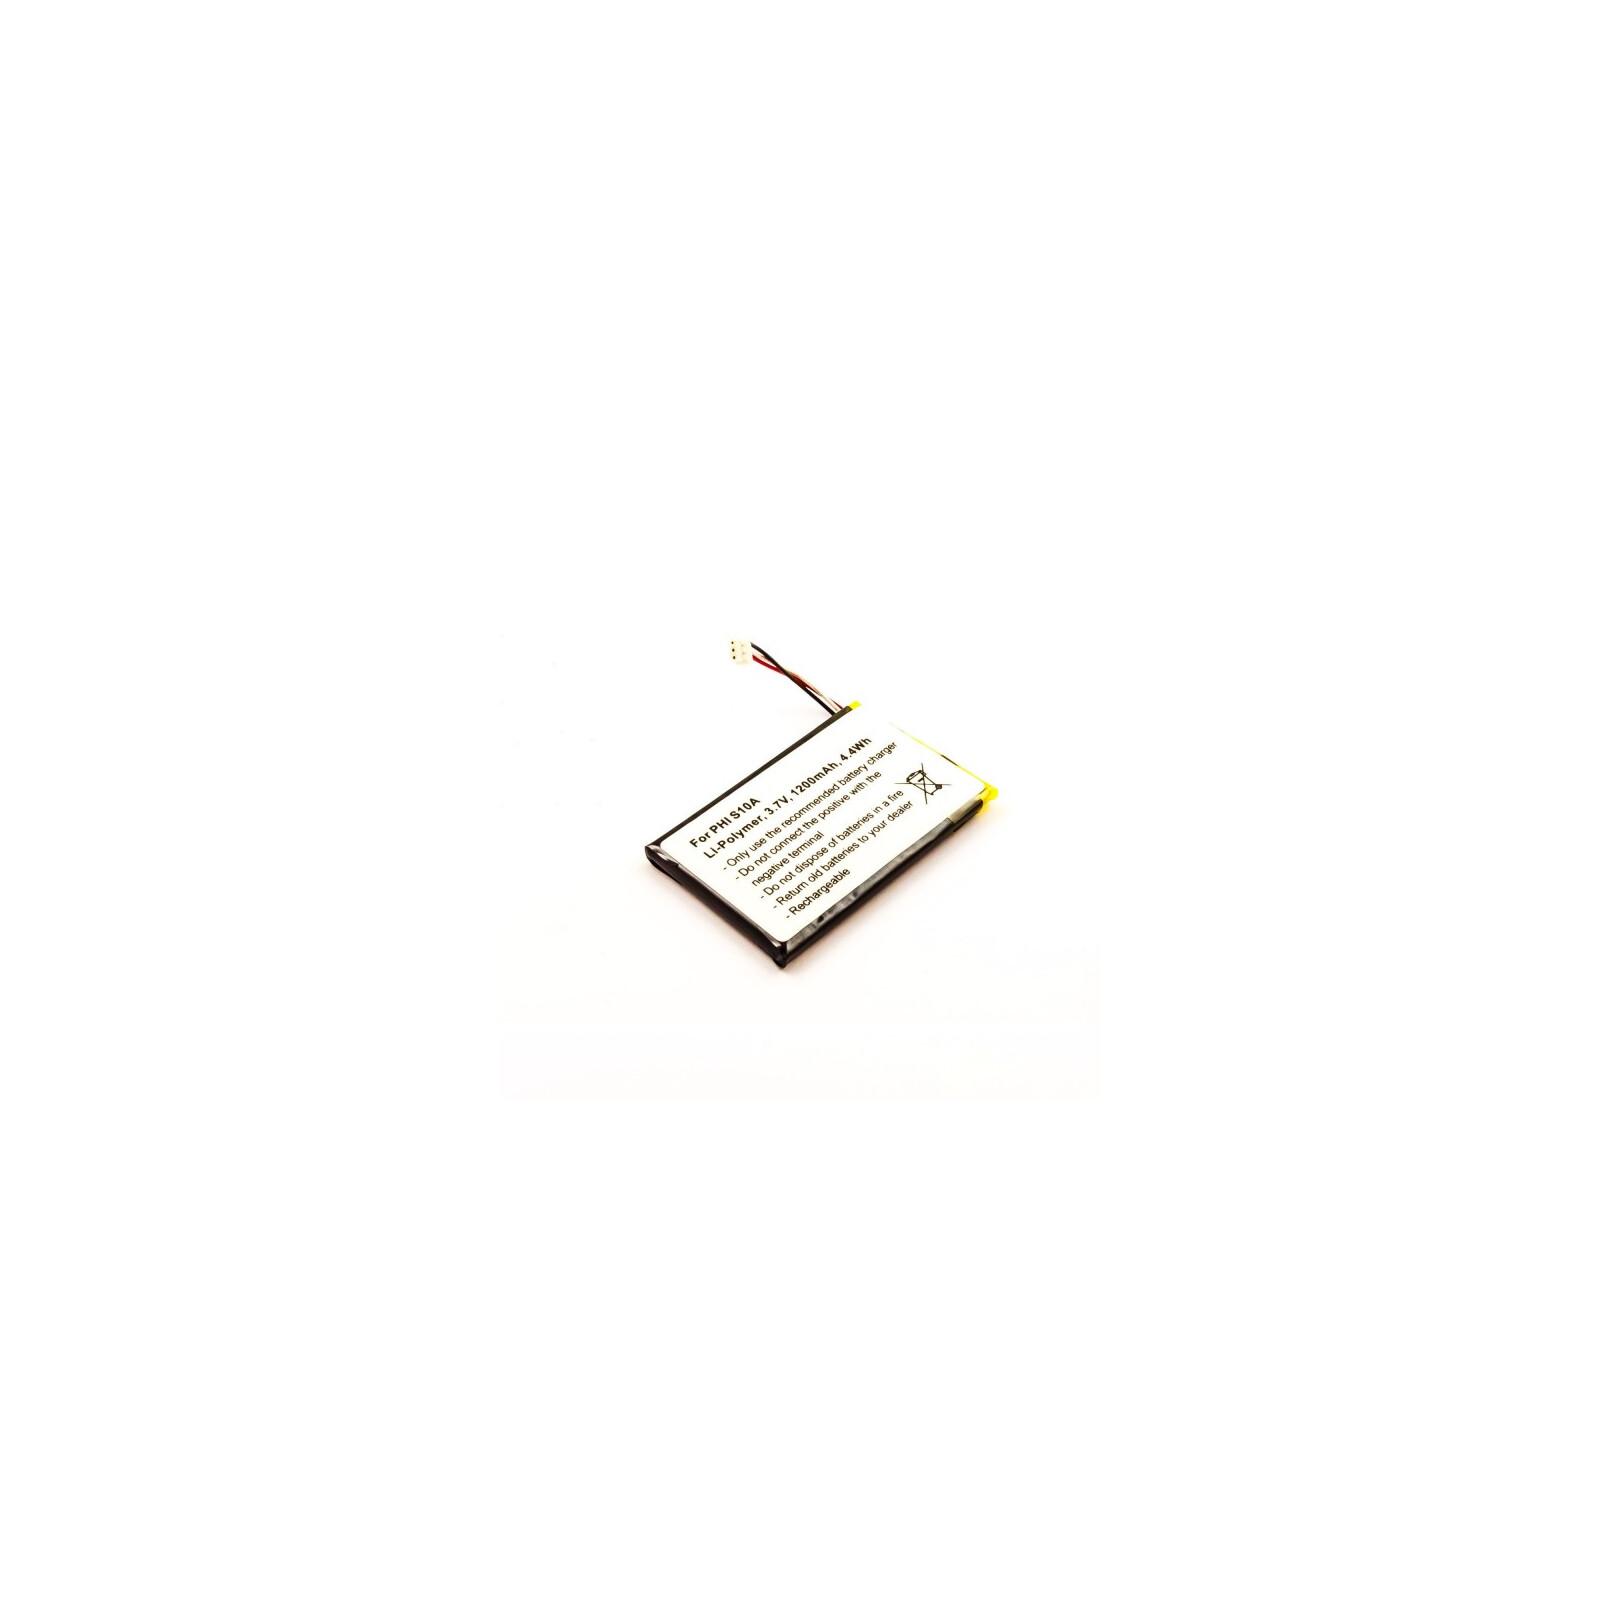 AGI Akku Philips PH454061 1200mAh